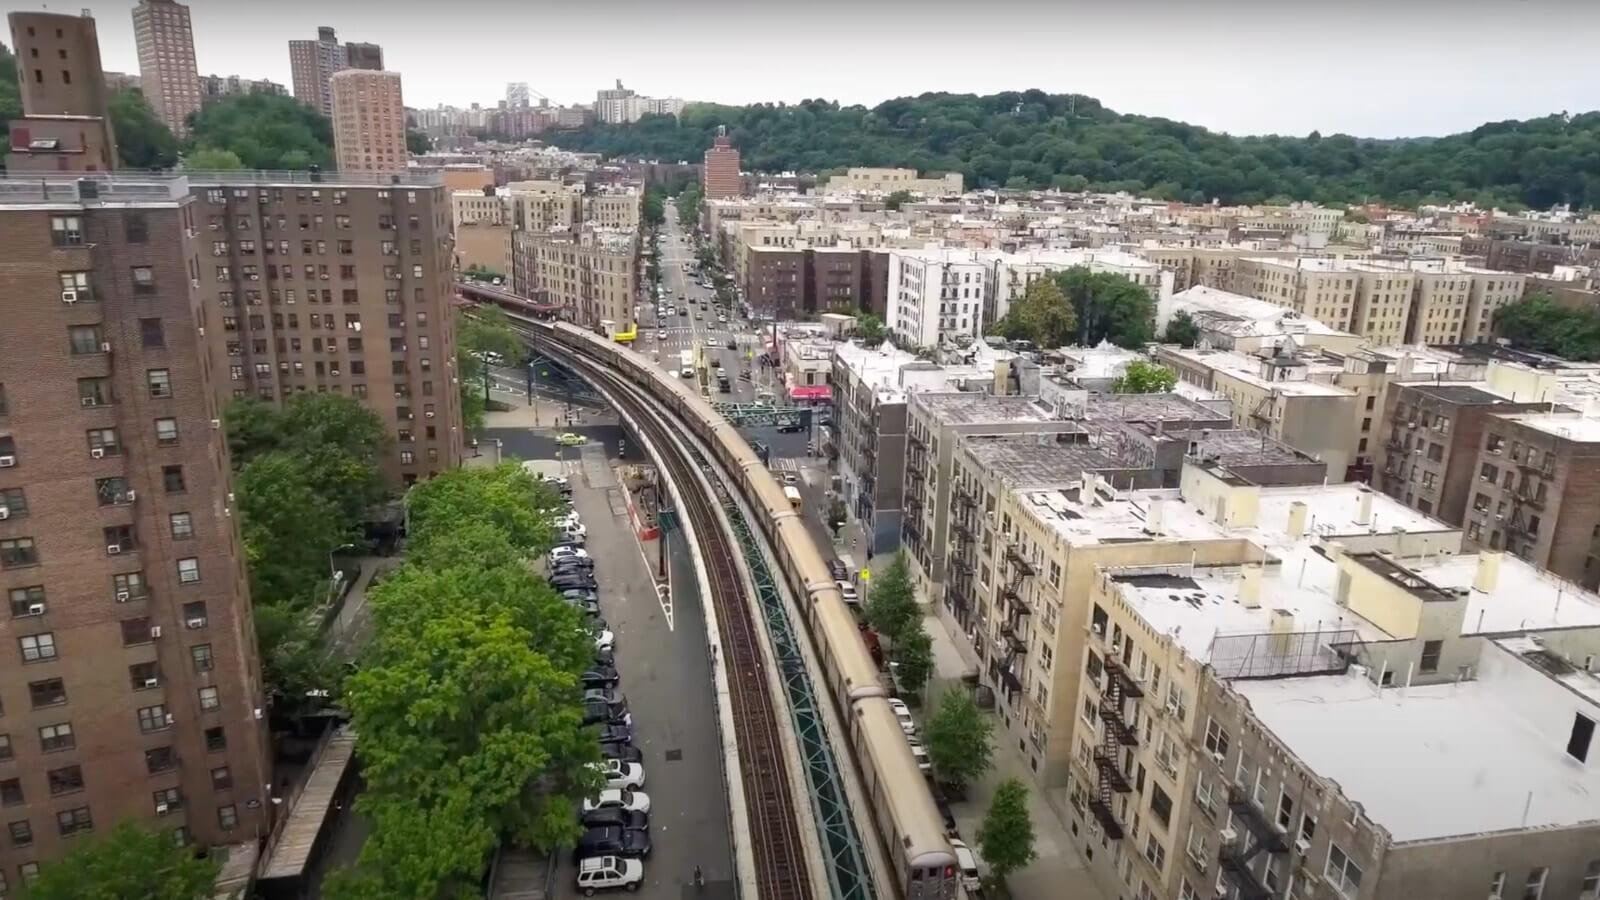 ダイキンと組んでニューヨークの街を省エネ化。古いビルのエネルギー性能を分析して改善するBlocPower